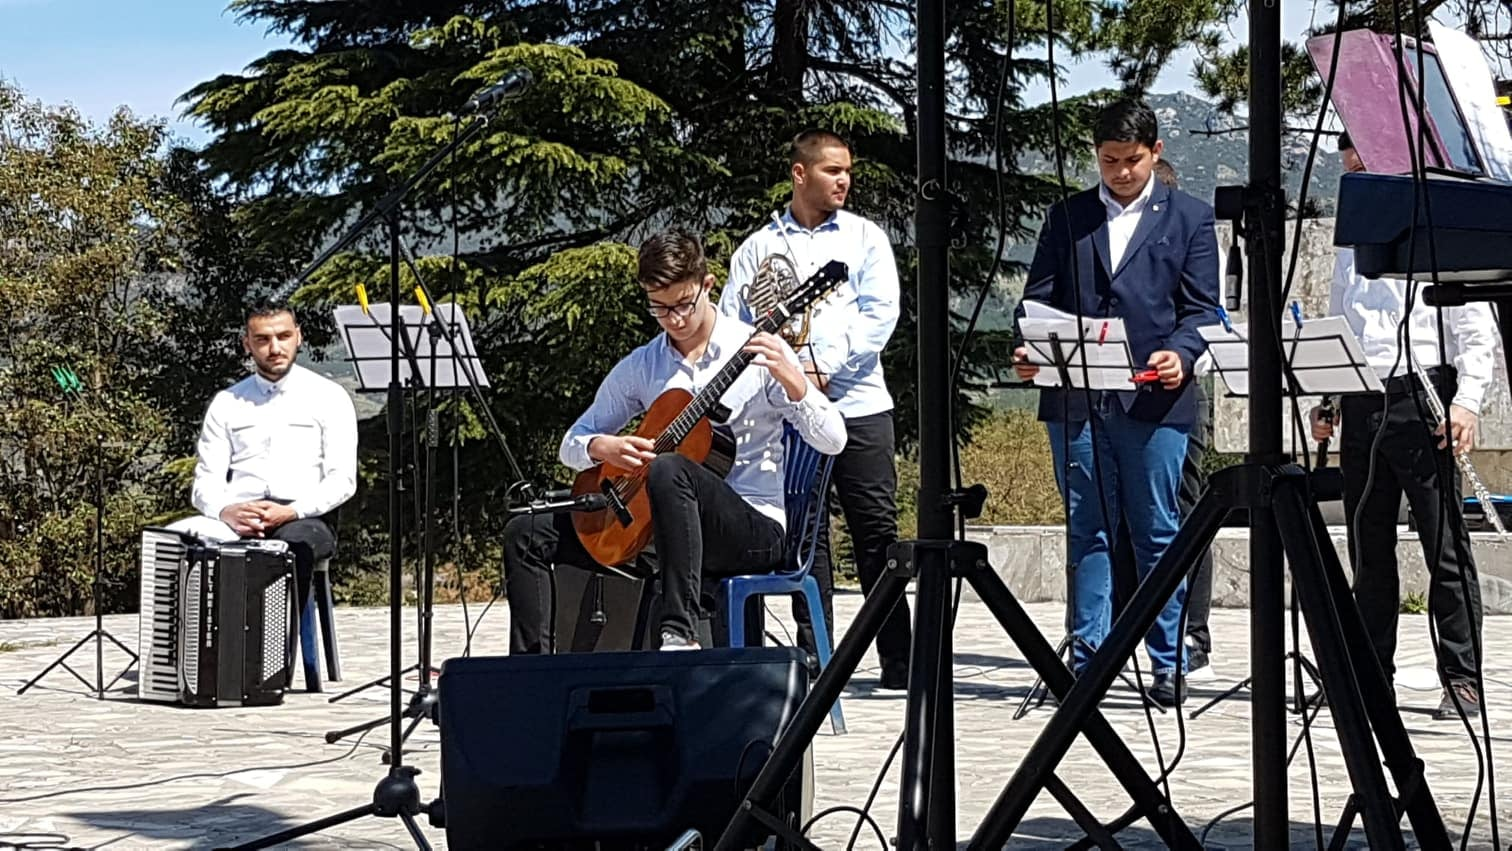 Nxenesit e shkolles artistike Feim Ibrahimi, me muzike dhe piktura ne PermetvSh